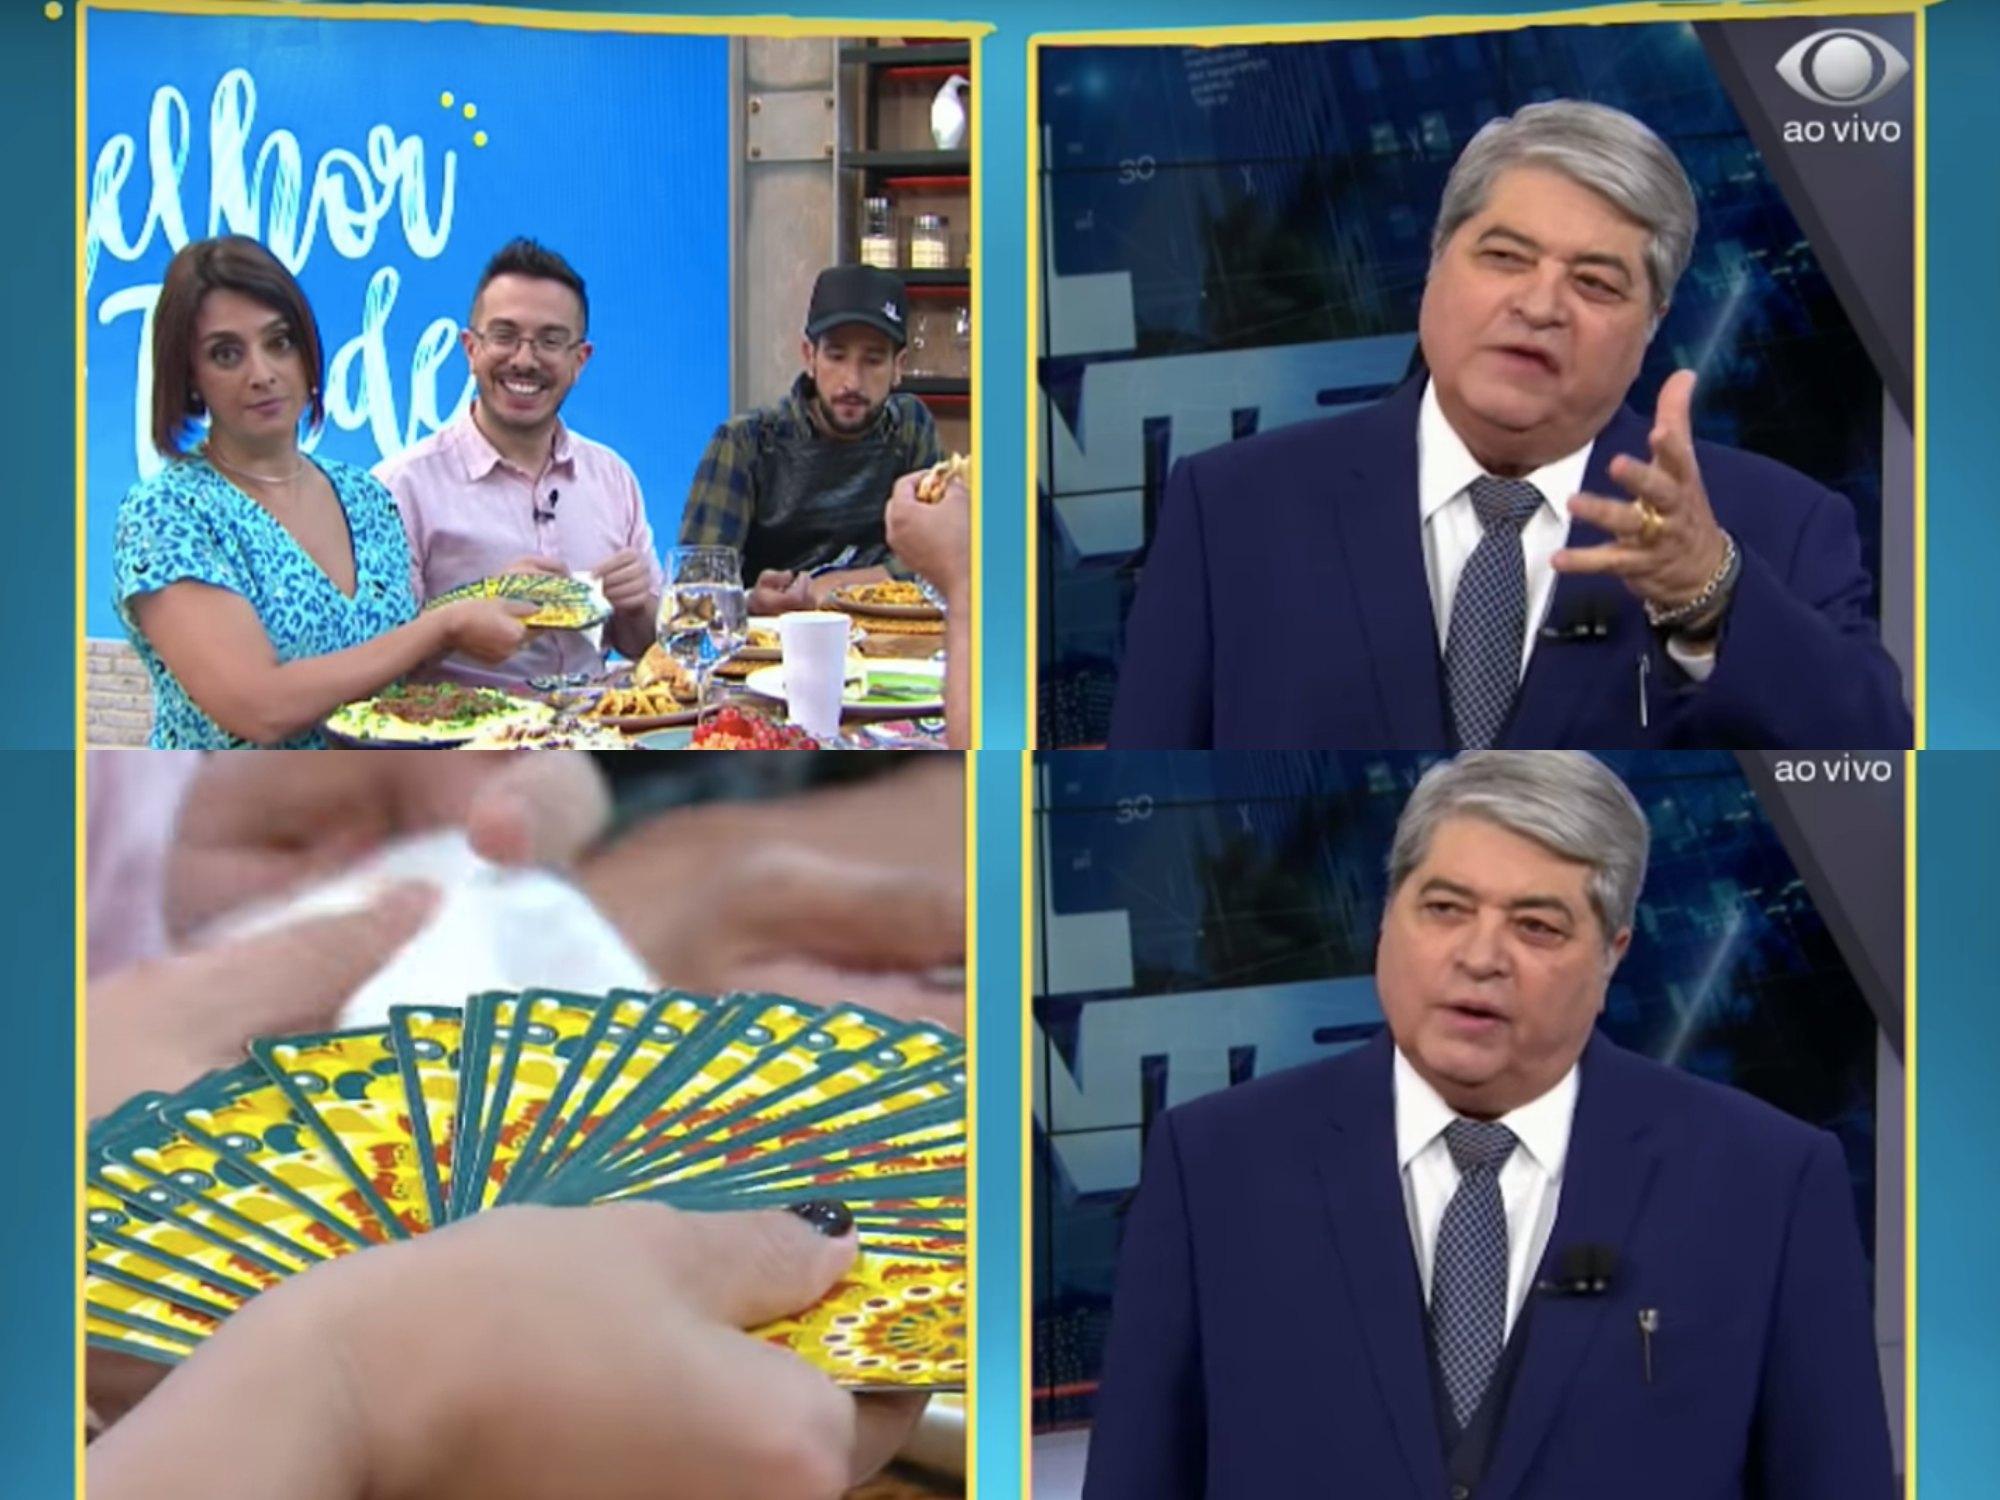 Catia Fonseca e André Mantovanni tiram carta para Datena. Foto: Reprodução